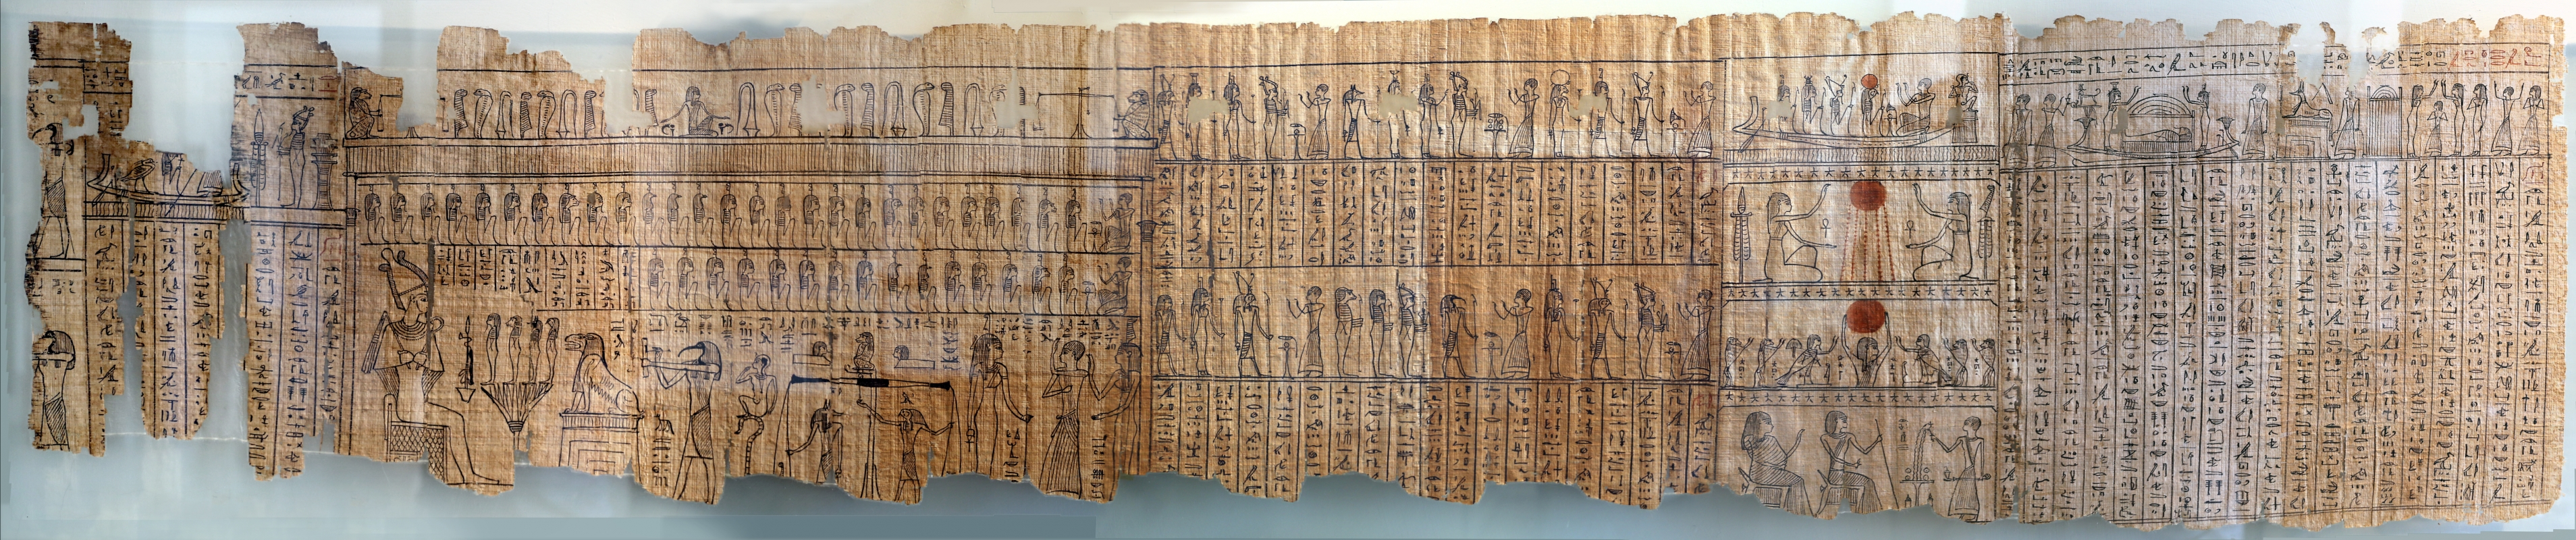 II dominazione persiana-epoca tolemaica, libro dei morti di harimuthes, da tebe, 00 - Sailko - Parma (PR)